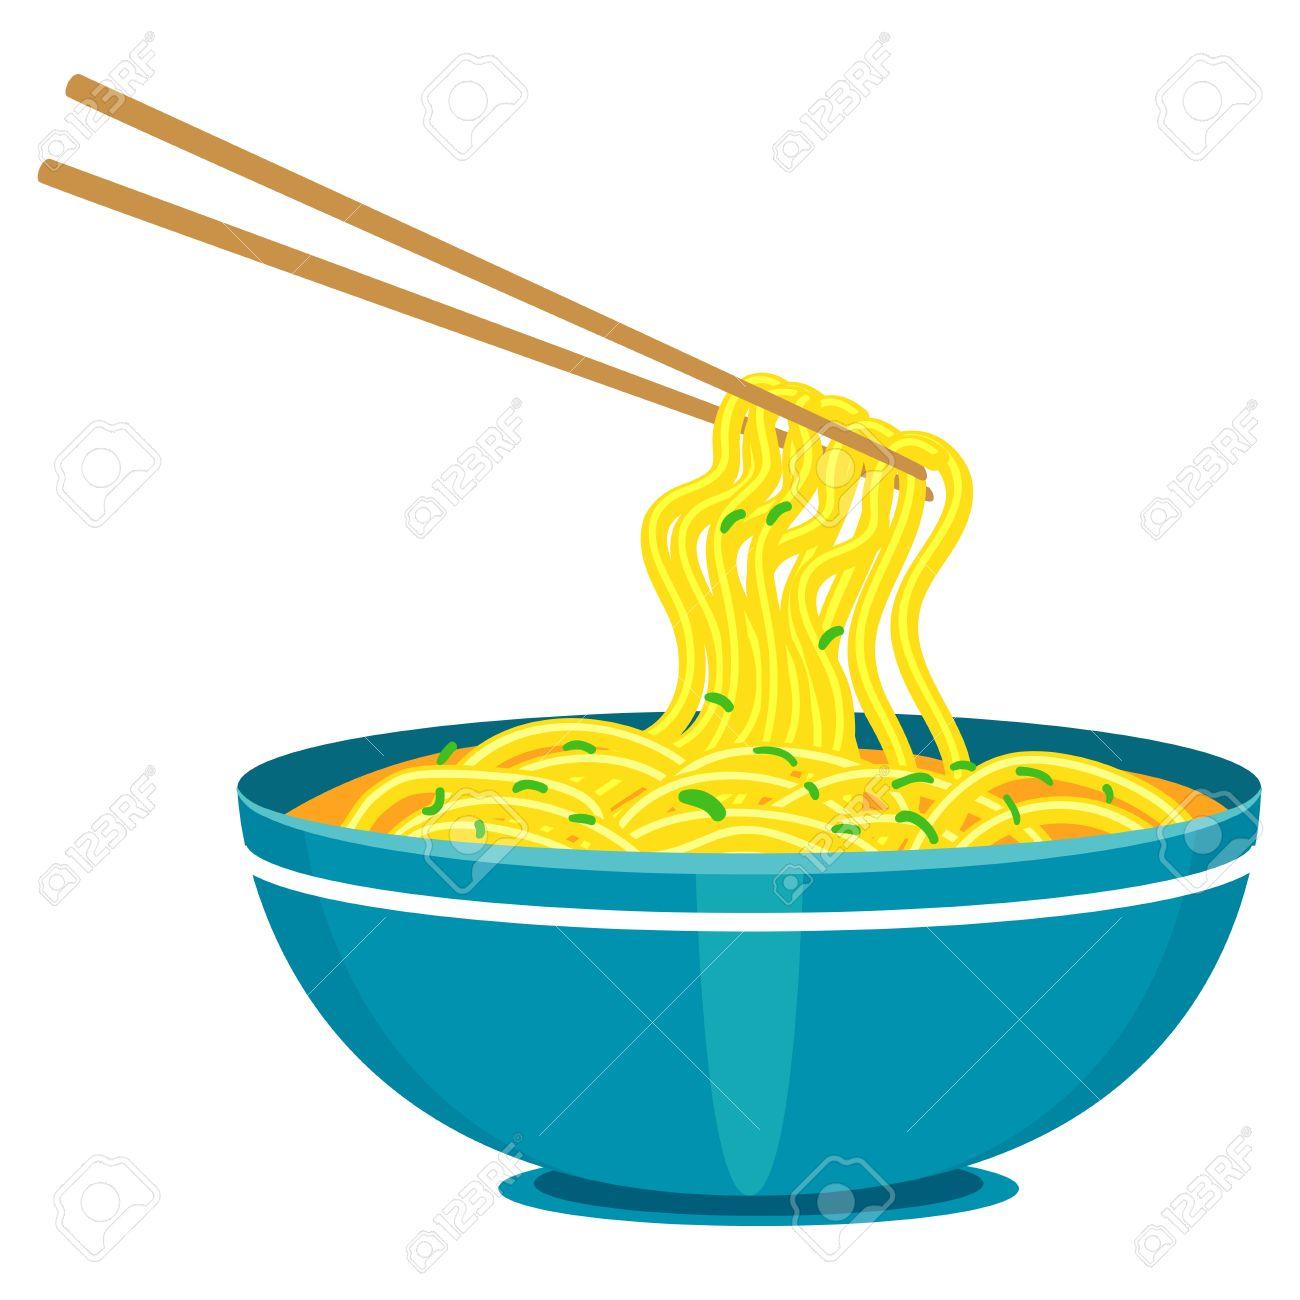 Noodles clipart cute. Noodle station